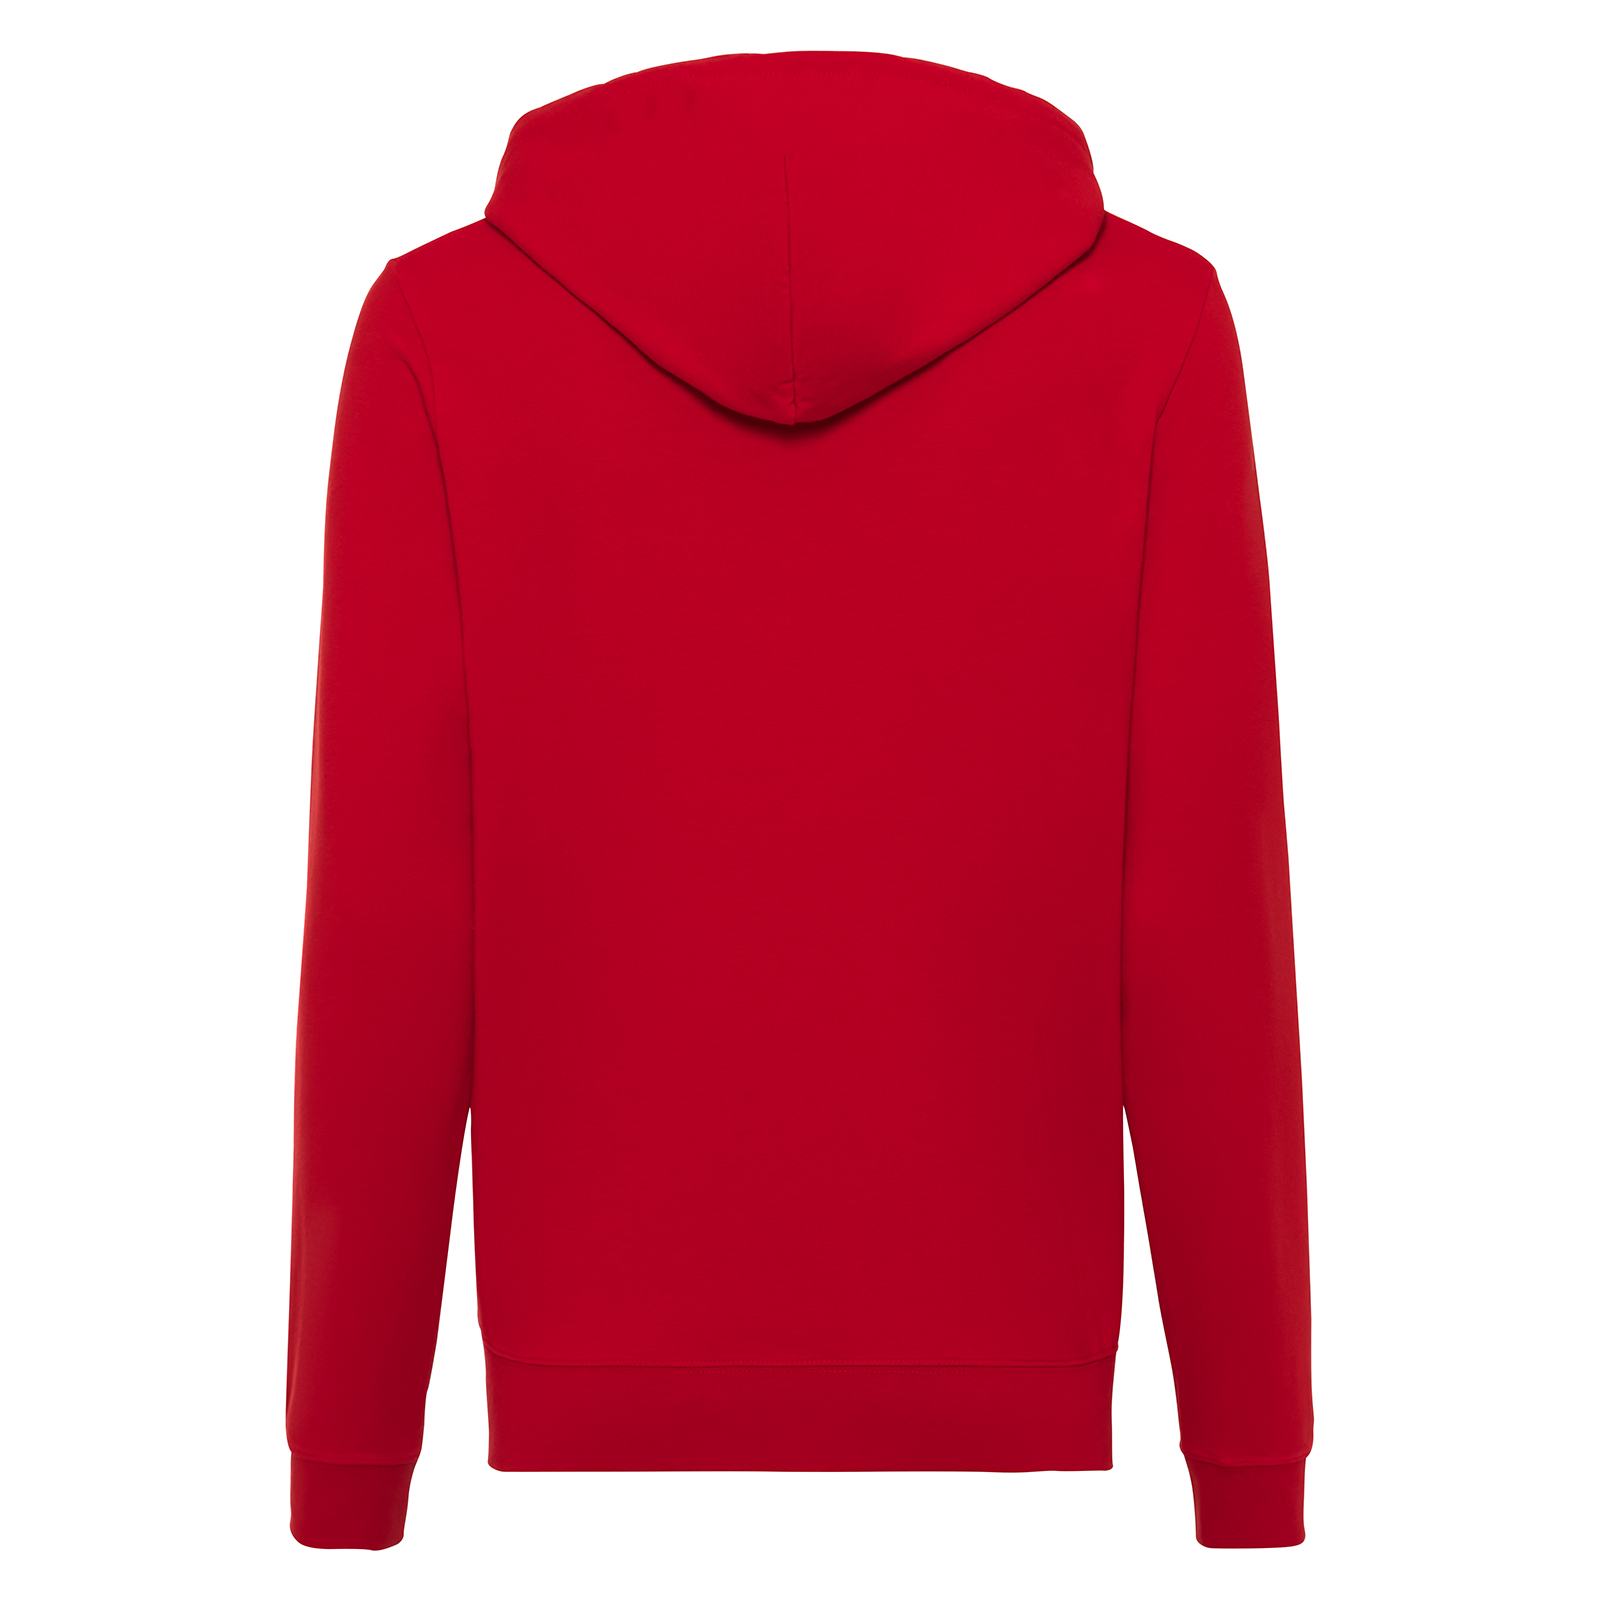 Bequemes Damen Sweatshirt mit Kapuze